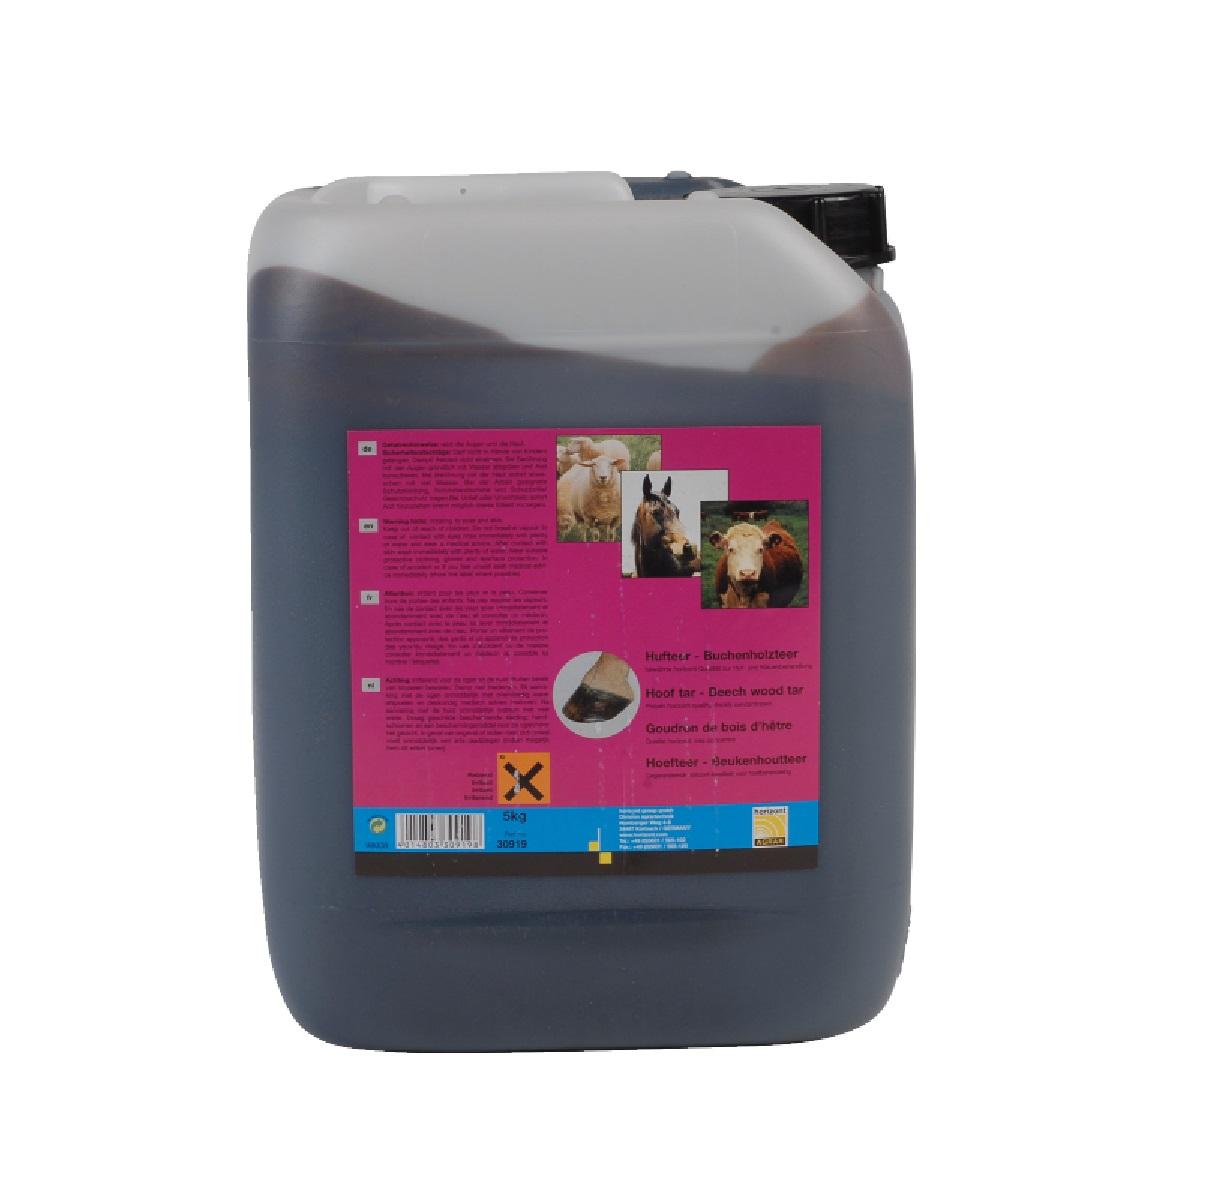 Buchenholzteer zur Huf-/Klaufenbehandlung 5 kg  - Qualität von HORIZONT